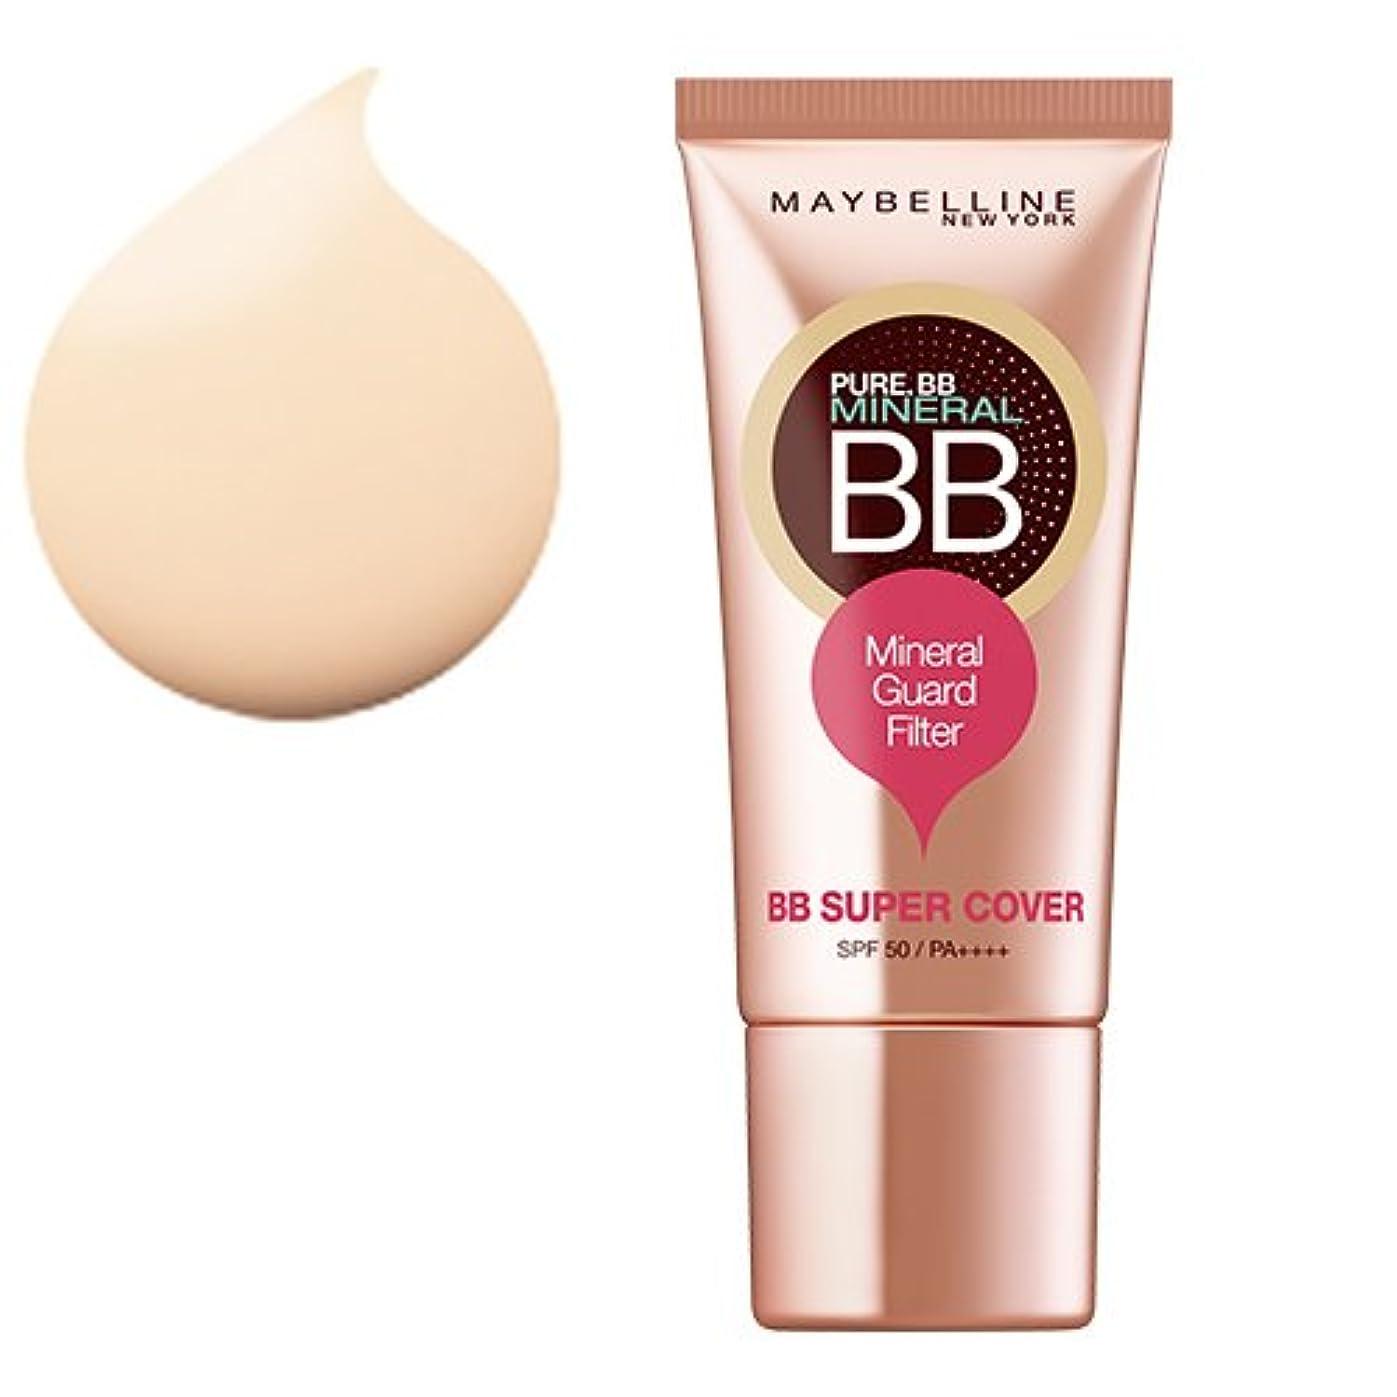 ペーストすみませんもメイベリン BBクリーム ピュアミネラル BB SP カバー 01 ナチュラル ベージュ